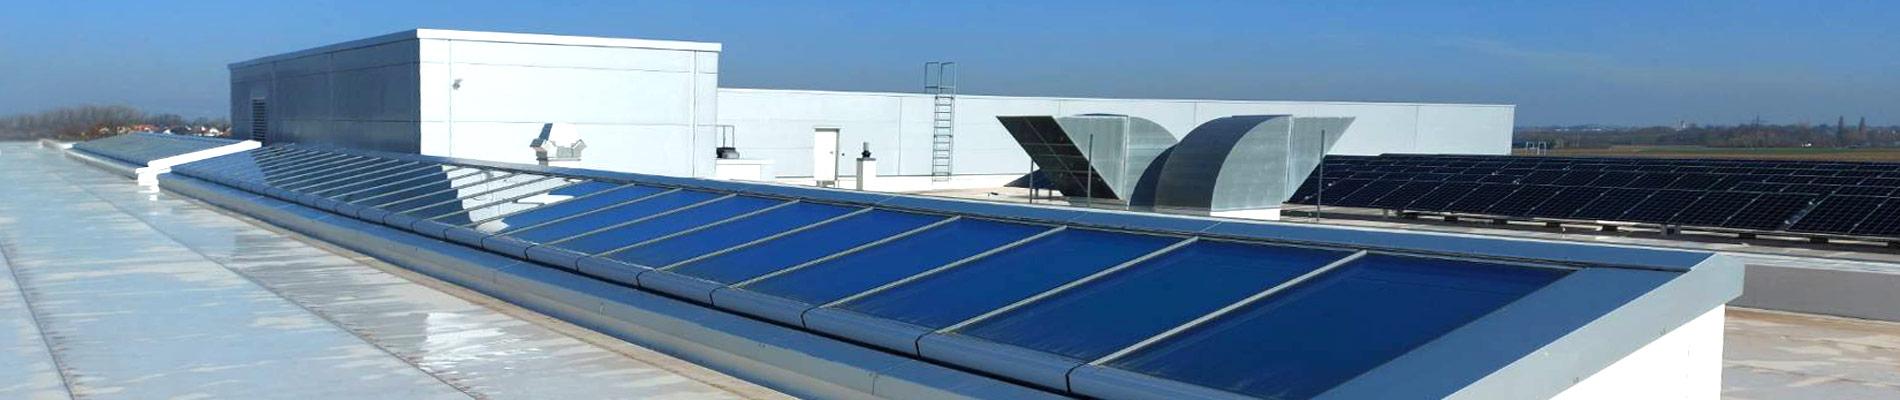 Pultdach Lichtband auf dem Flachdach eines Firmengebäudes